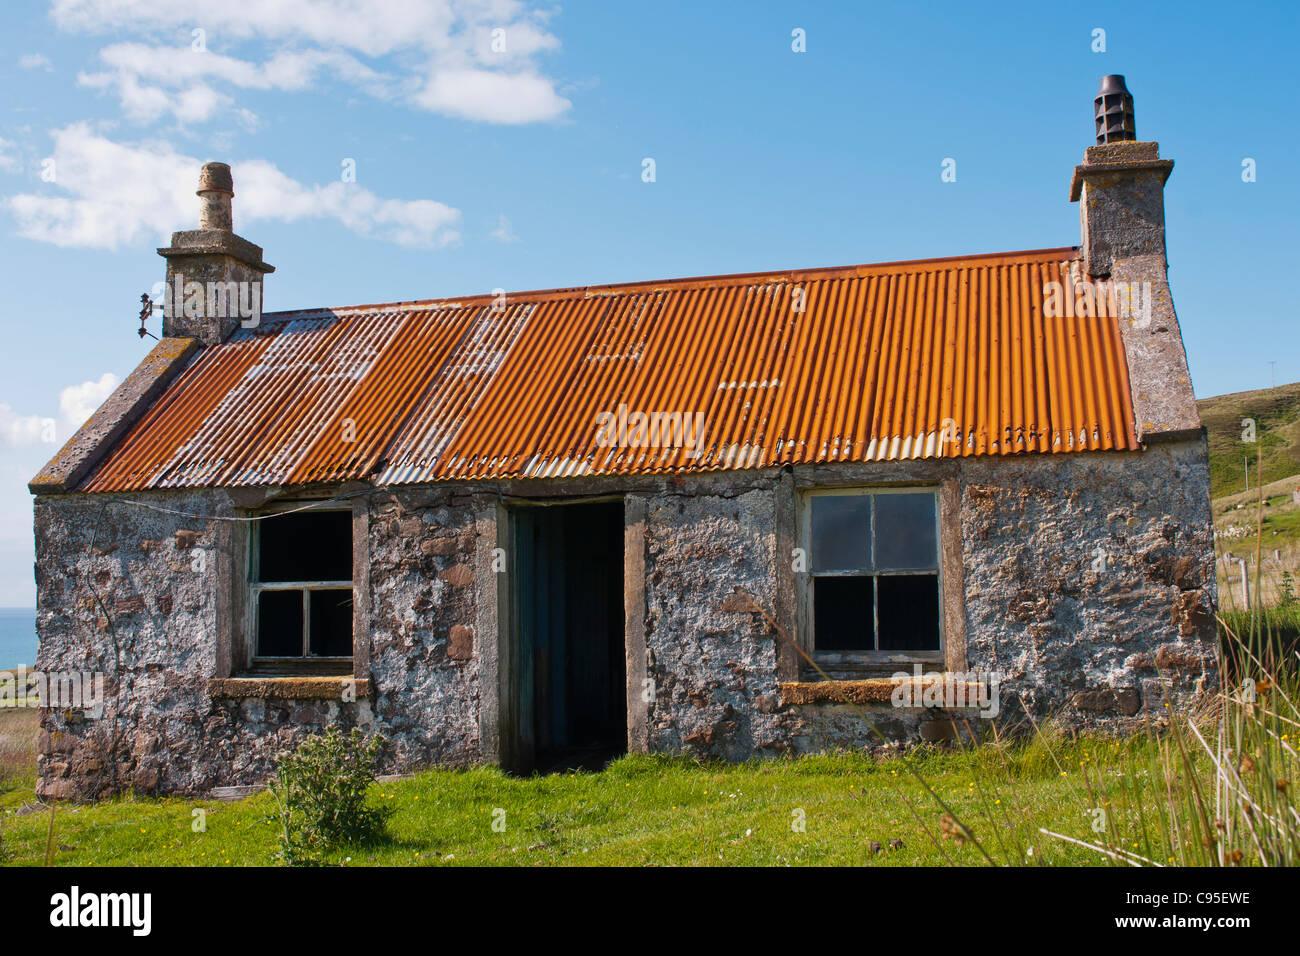 Building, Croft House, Corrugated iron roof, Abandoned, - Stock Image